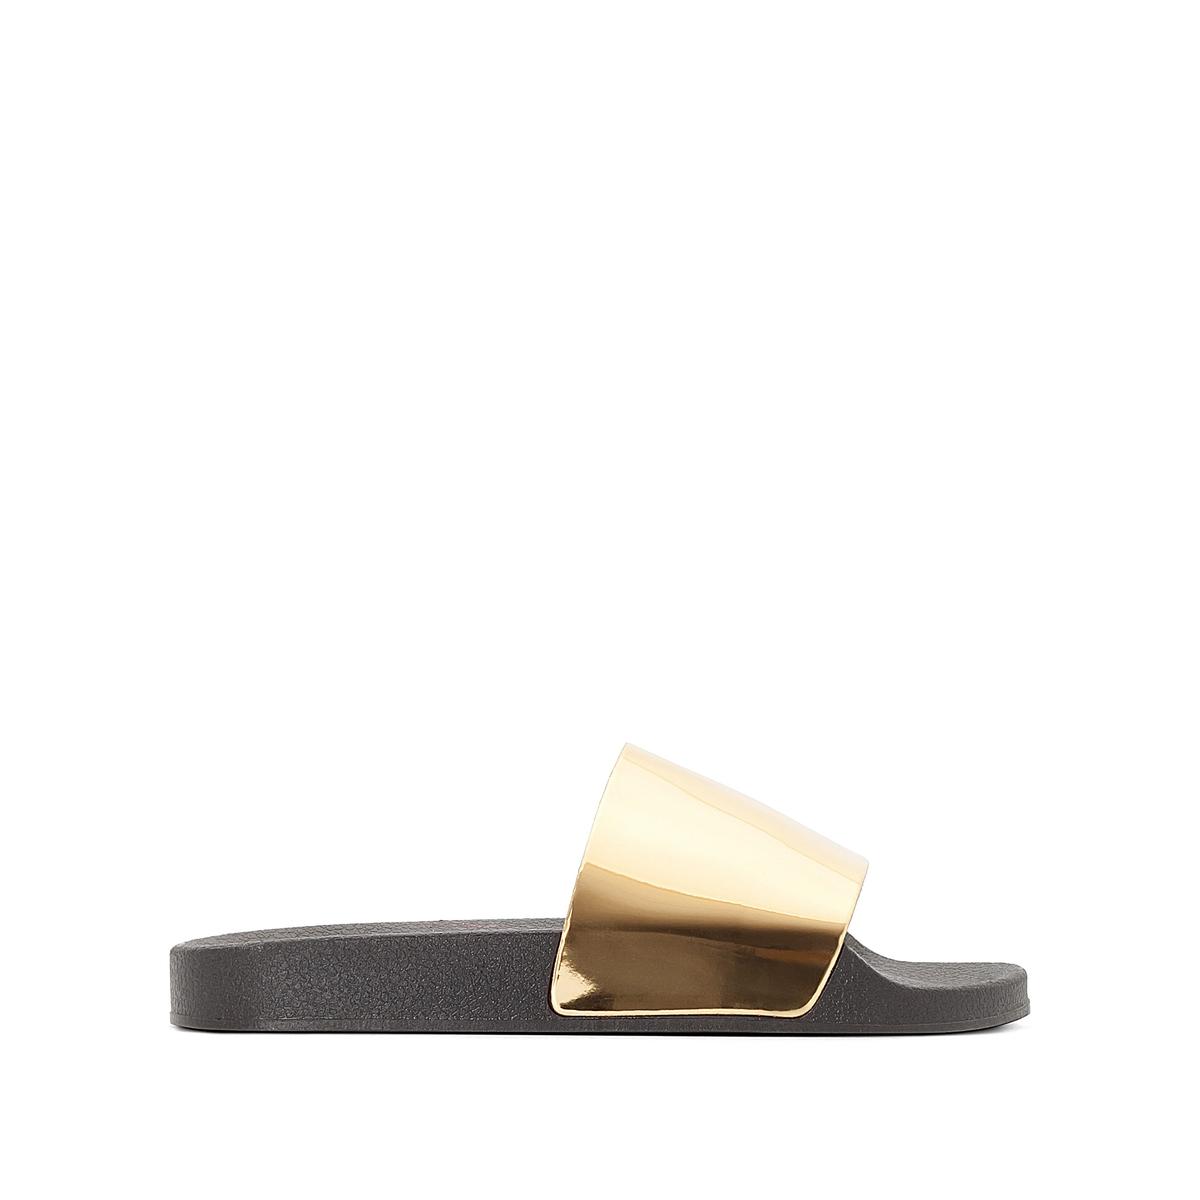 Туфли без задника MirorОписание:Детали •  Туфли без задника •  Высота каблука : 1 см •  Застежка : без застежки •  Открытый мысок •  Гладкая отделкаСостав и уход •  Верх 100% ЭВА •  Стелька 100% ЭВА •  Подошва 100% ЭВА<br><br>Цвет: золотистый